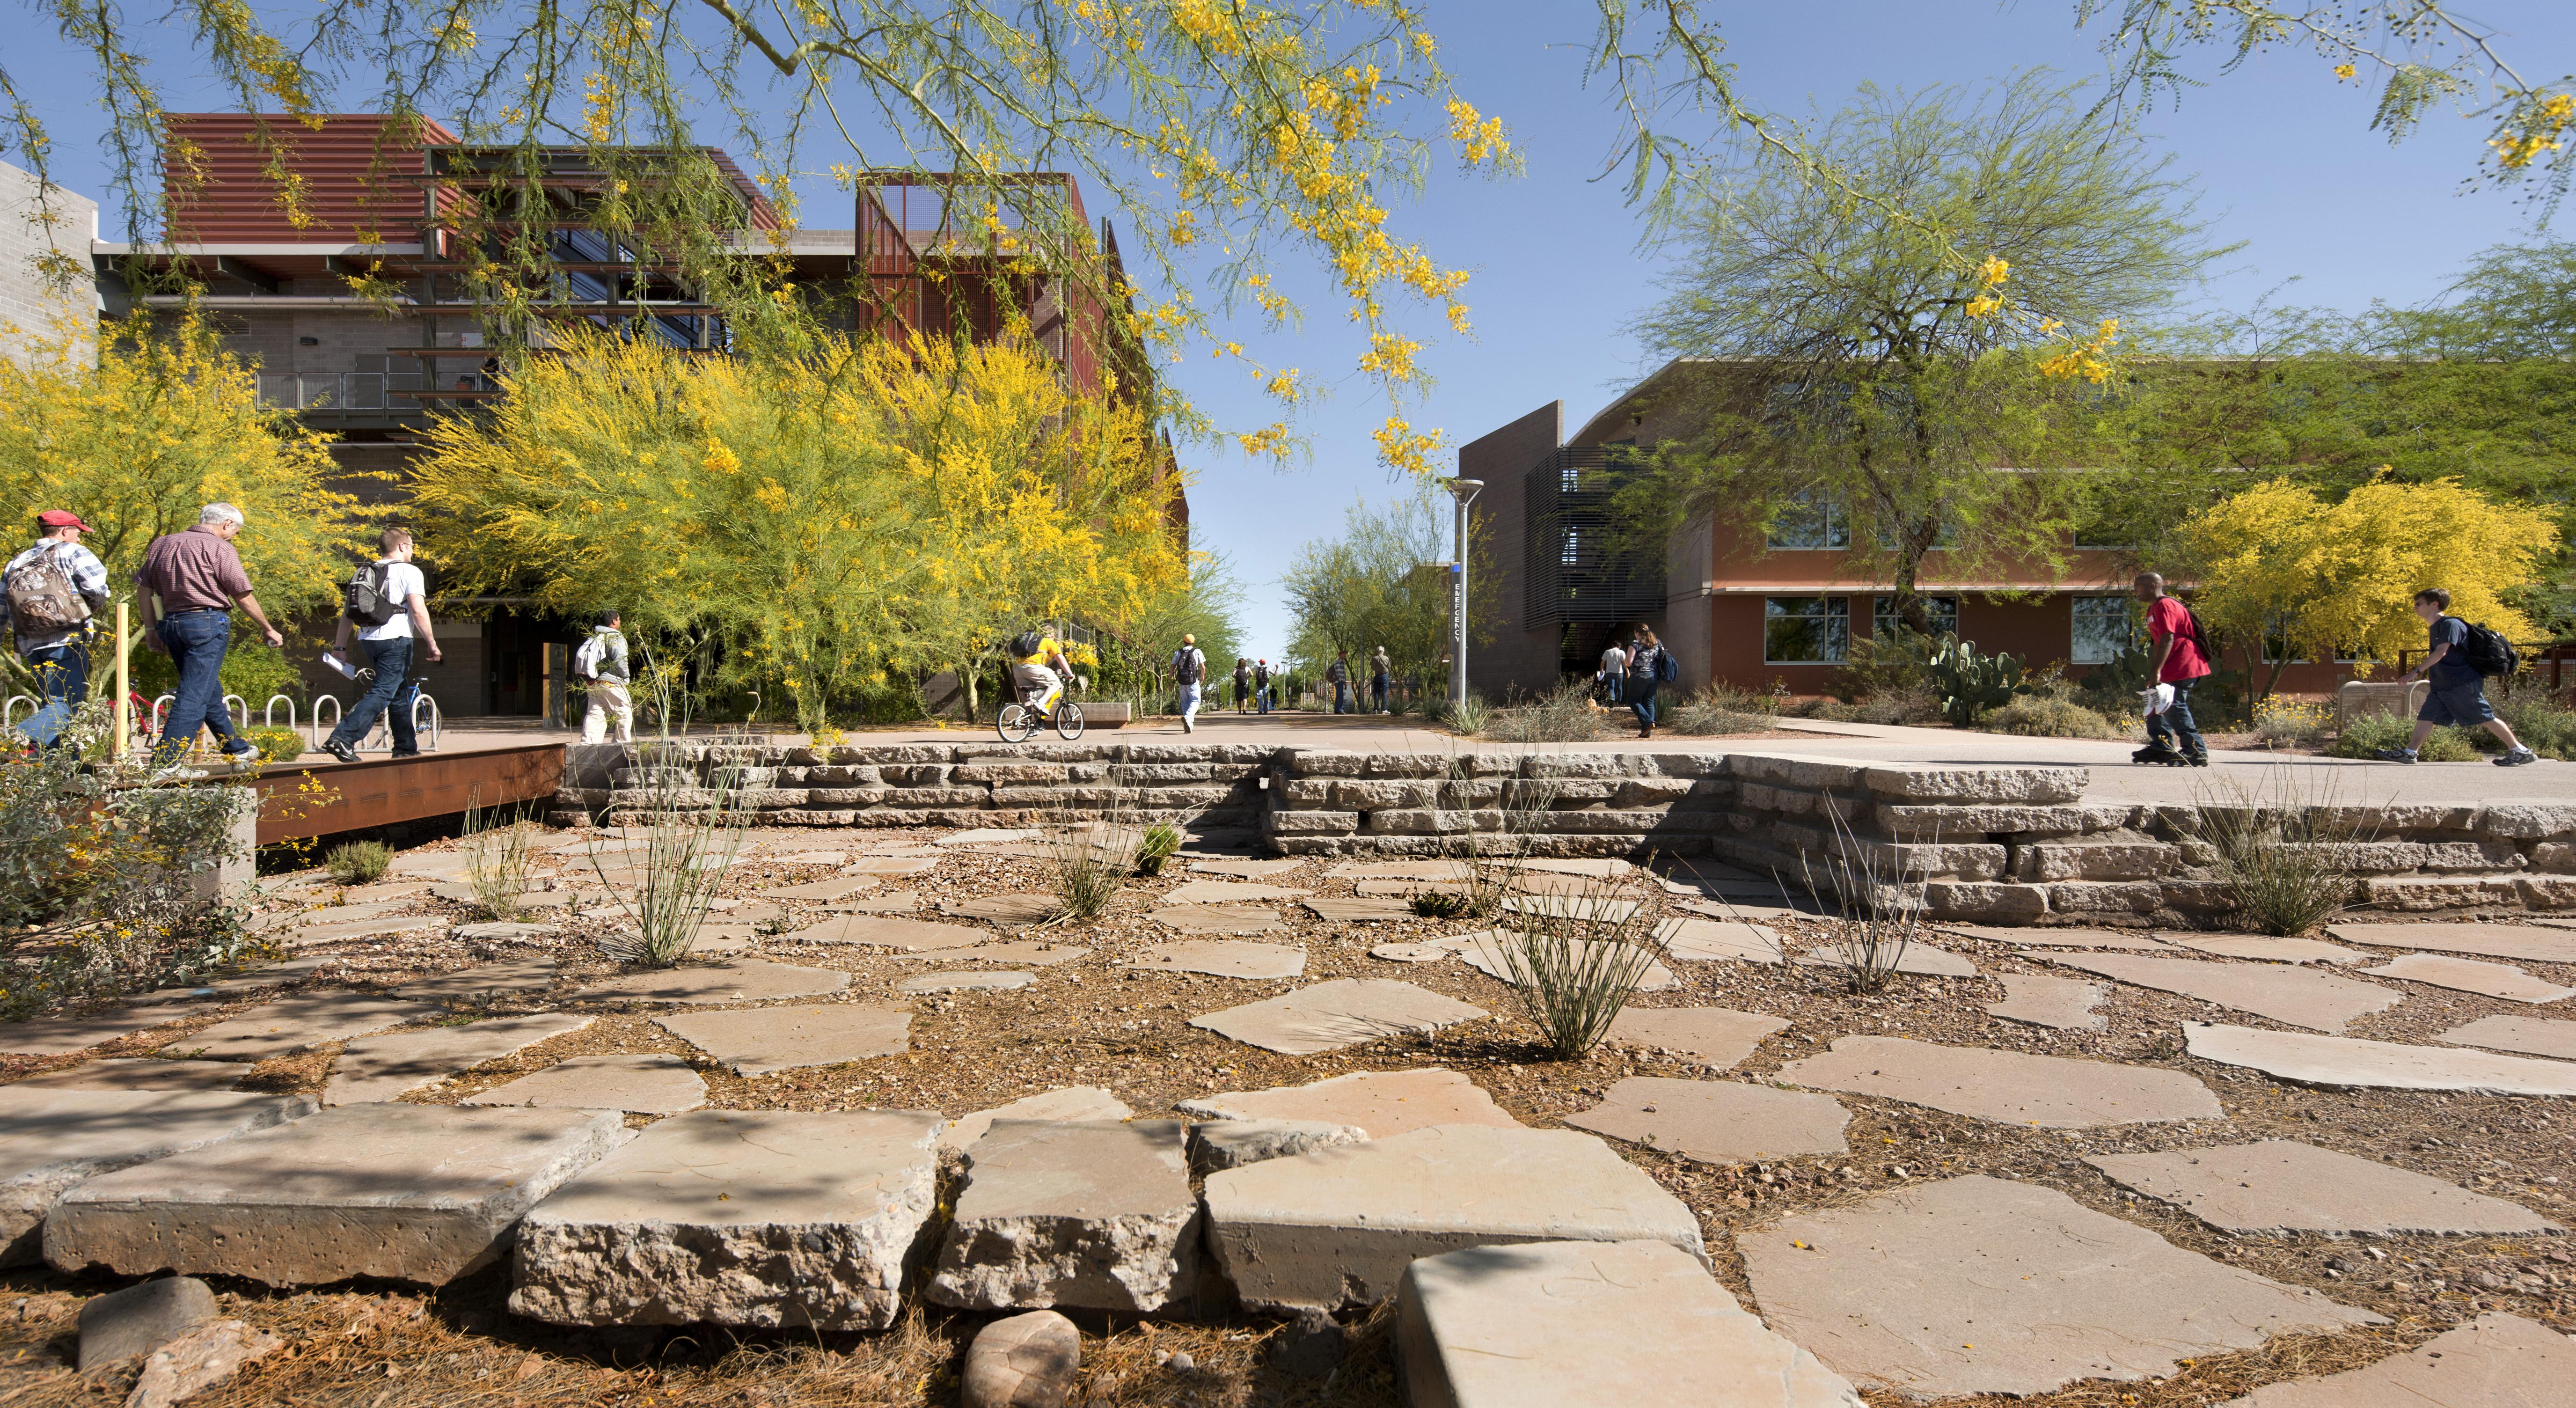 Asla 2012 Professional Awards Arizona State University